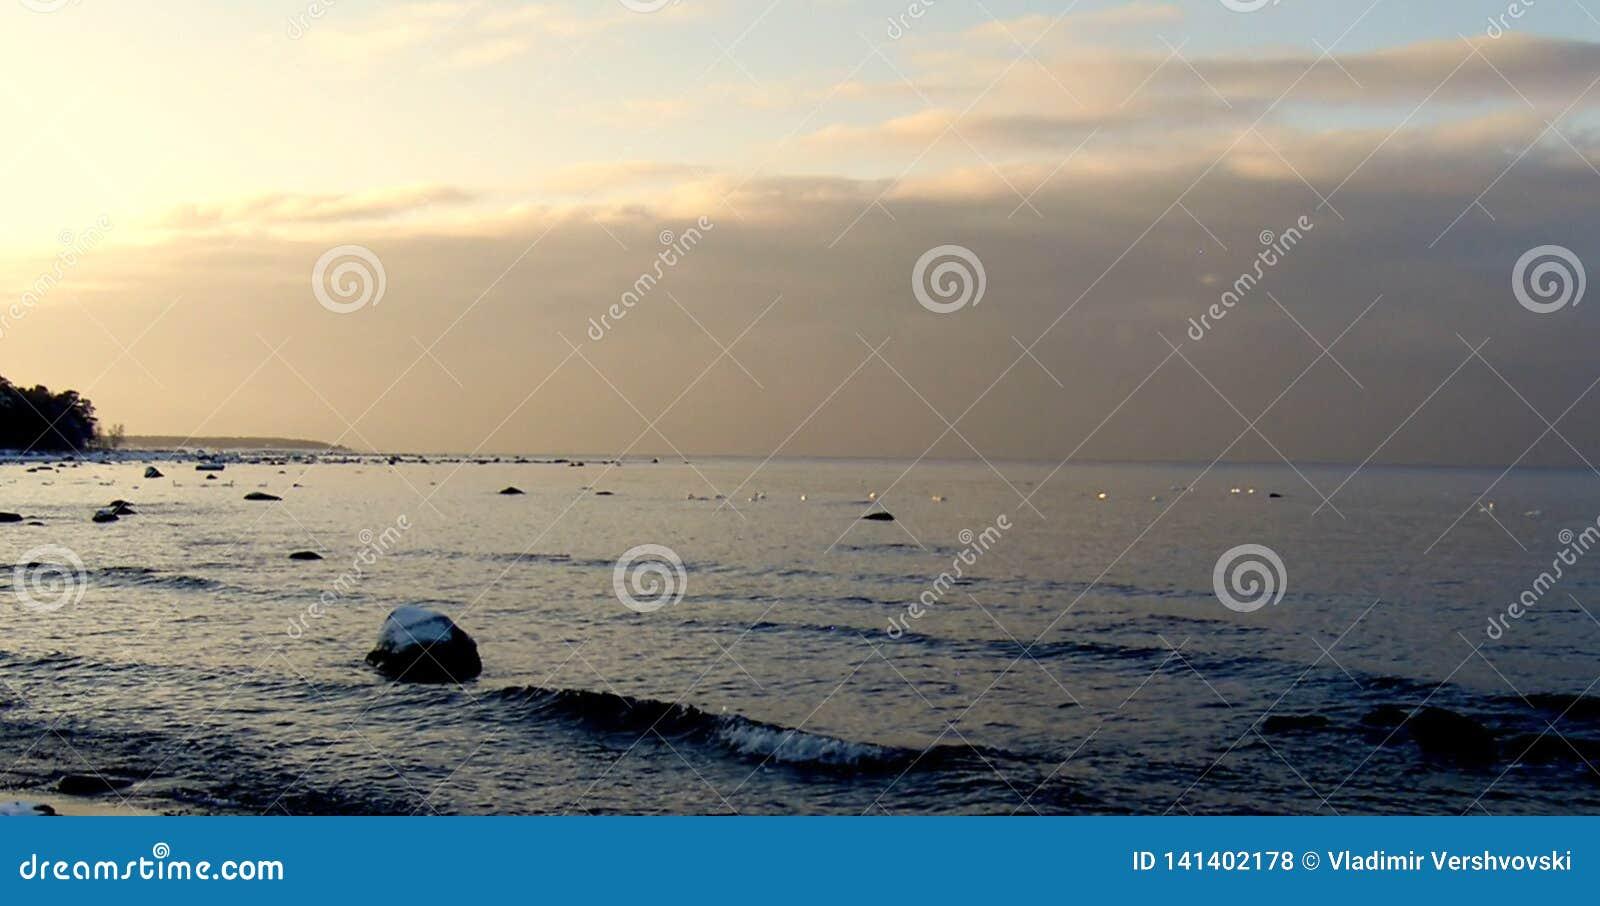 Vagues paresseuses roulant sur le bord de la mer